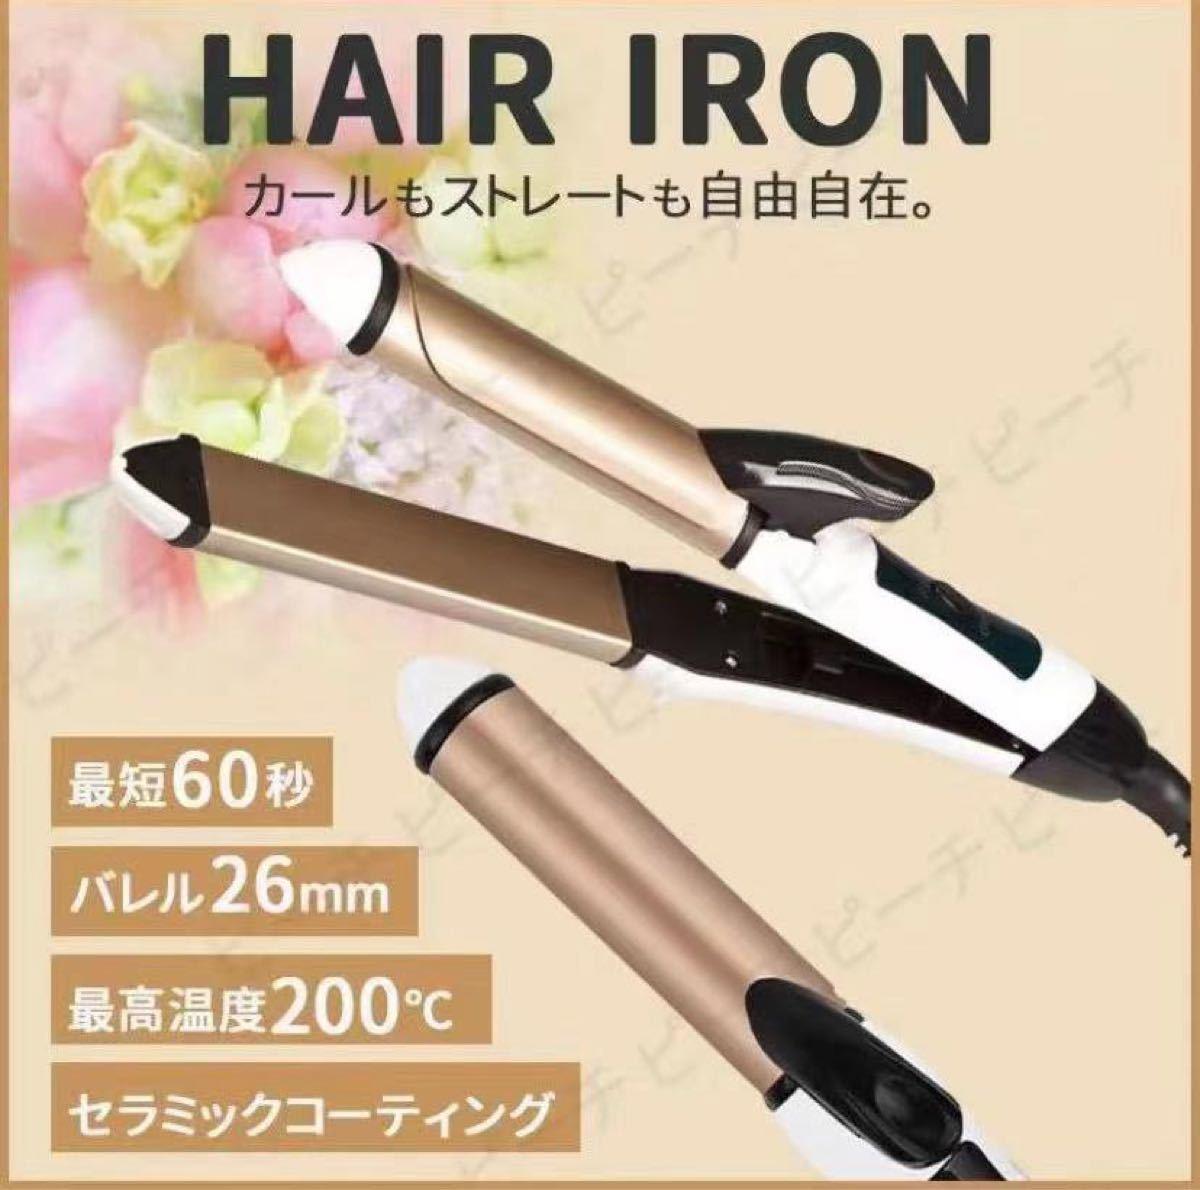 ヘアアイロン ストレート2way 26mm 巻き髪 ゴールド色